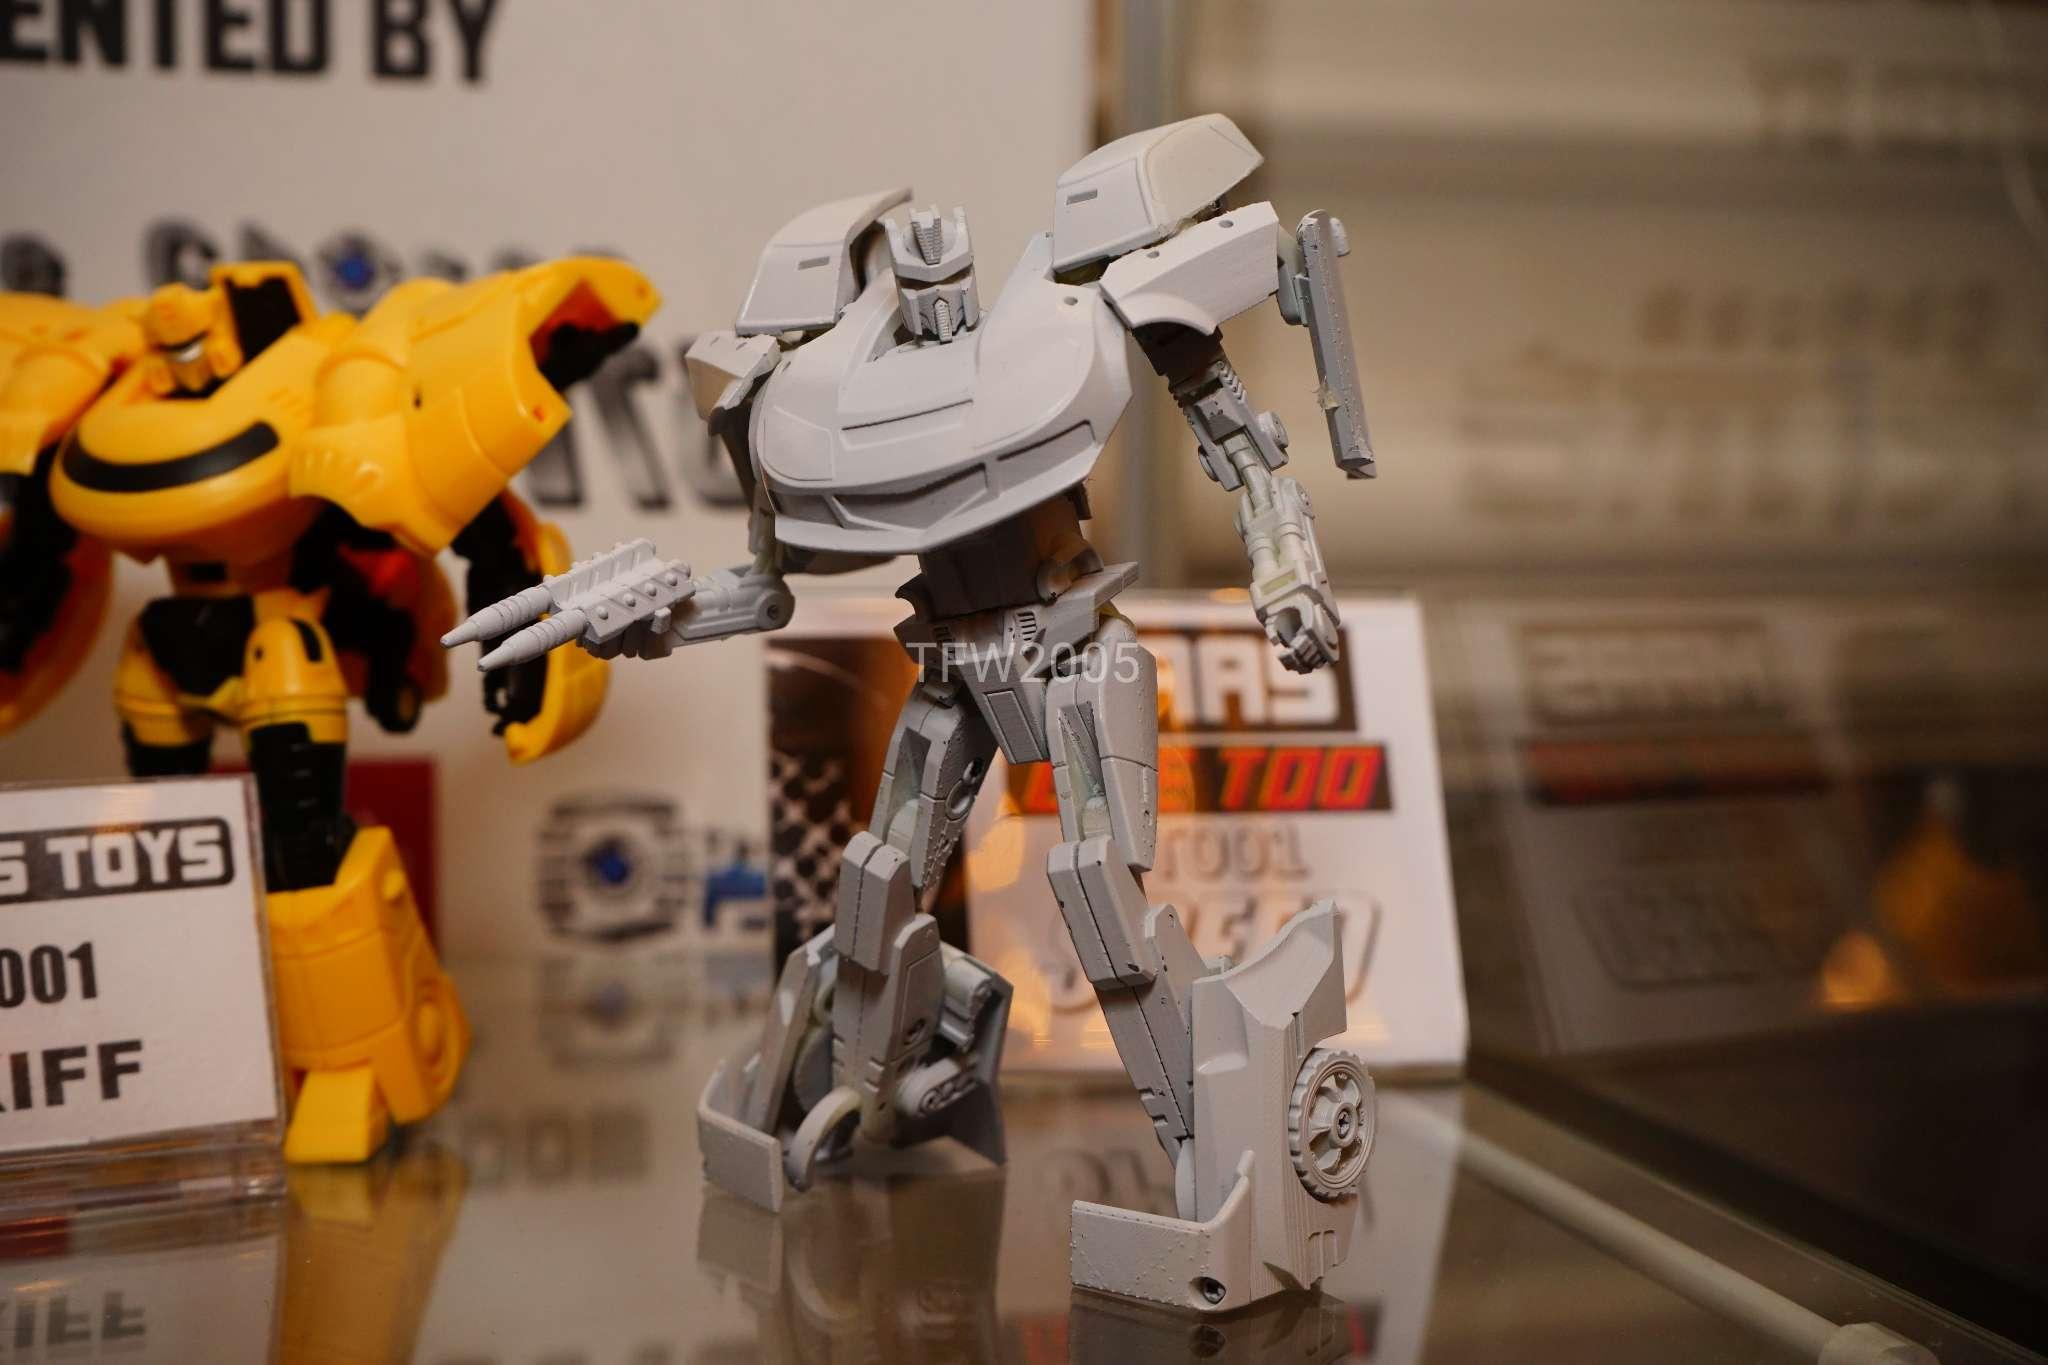 [MAAS Toys] Produit Tiers - Jouets TF de la gamme Cybertech Series (mode Cybertronien) + Gee Too (G2) RVX1ZoD4_o